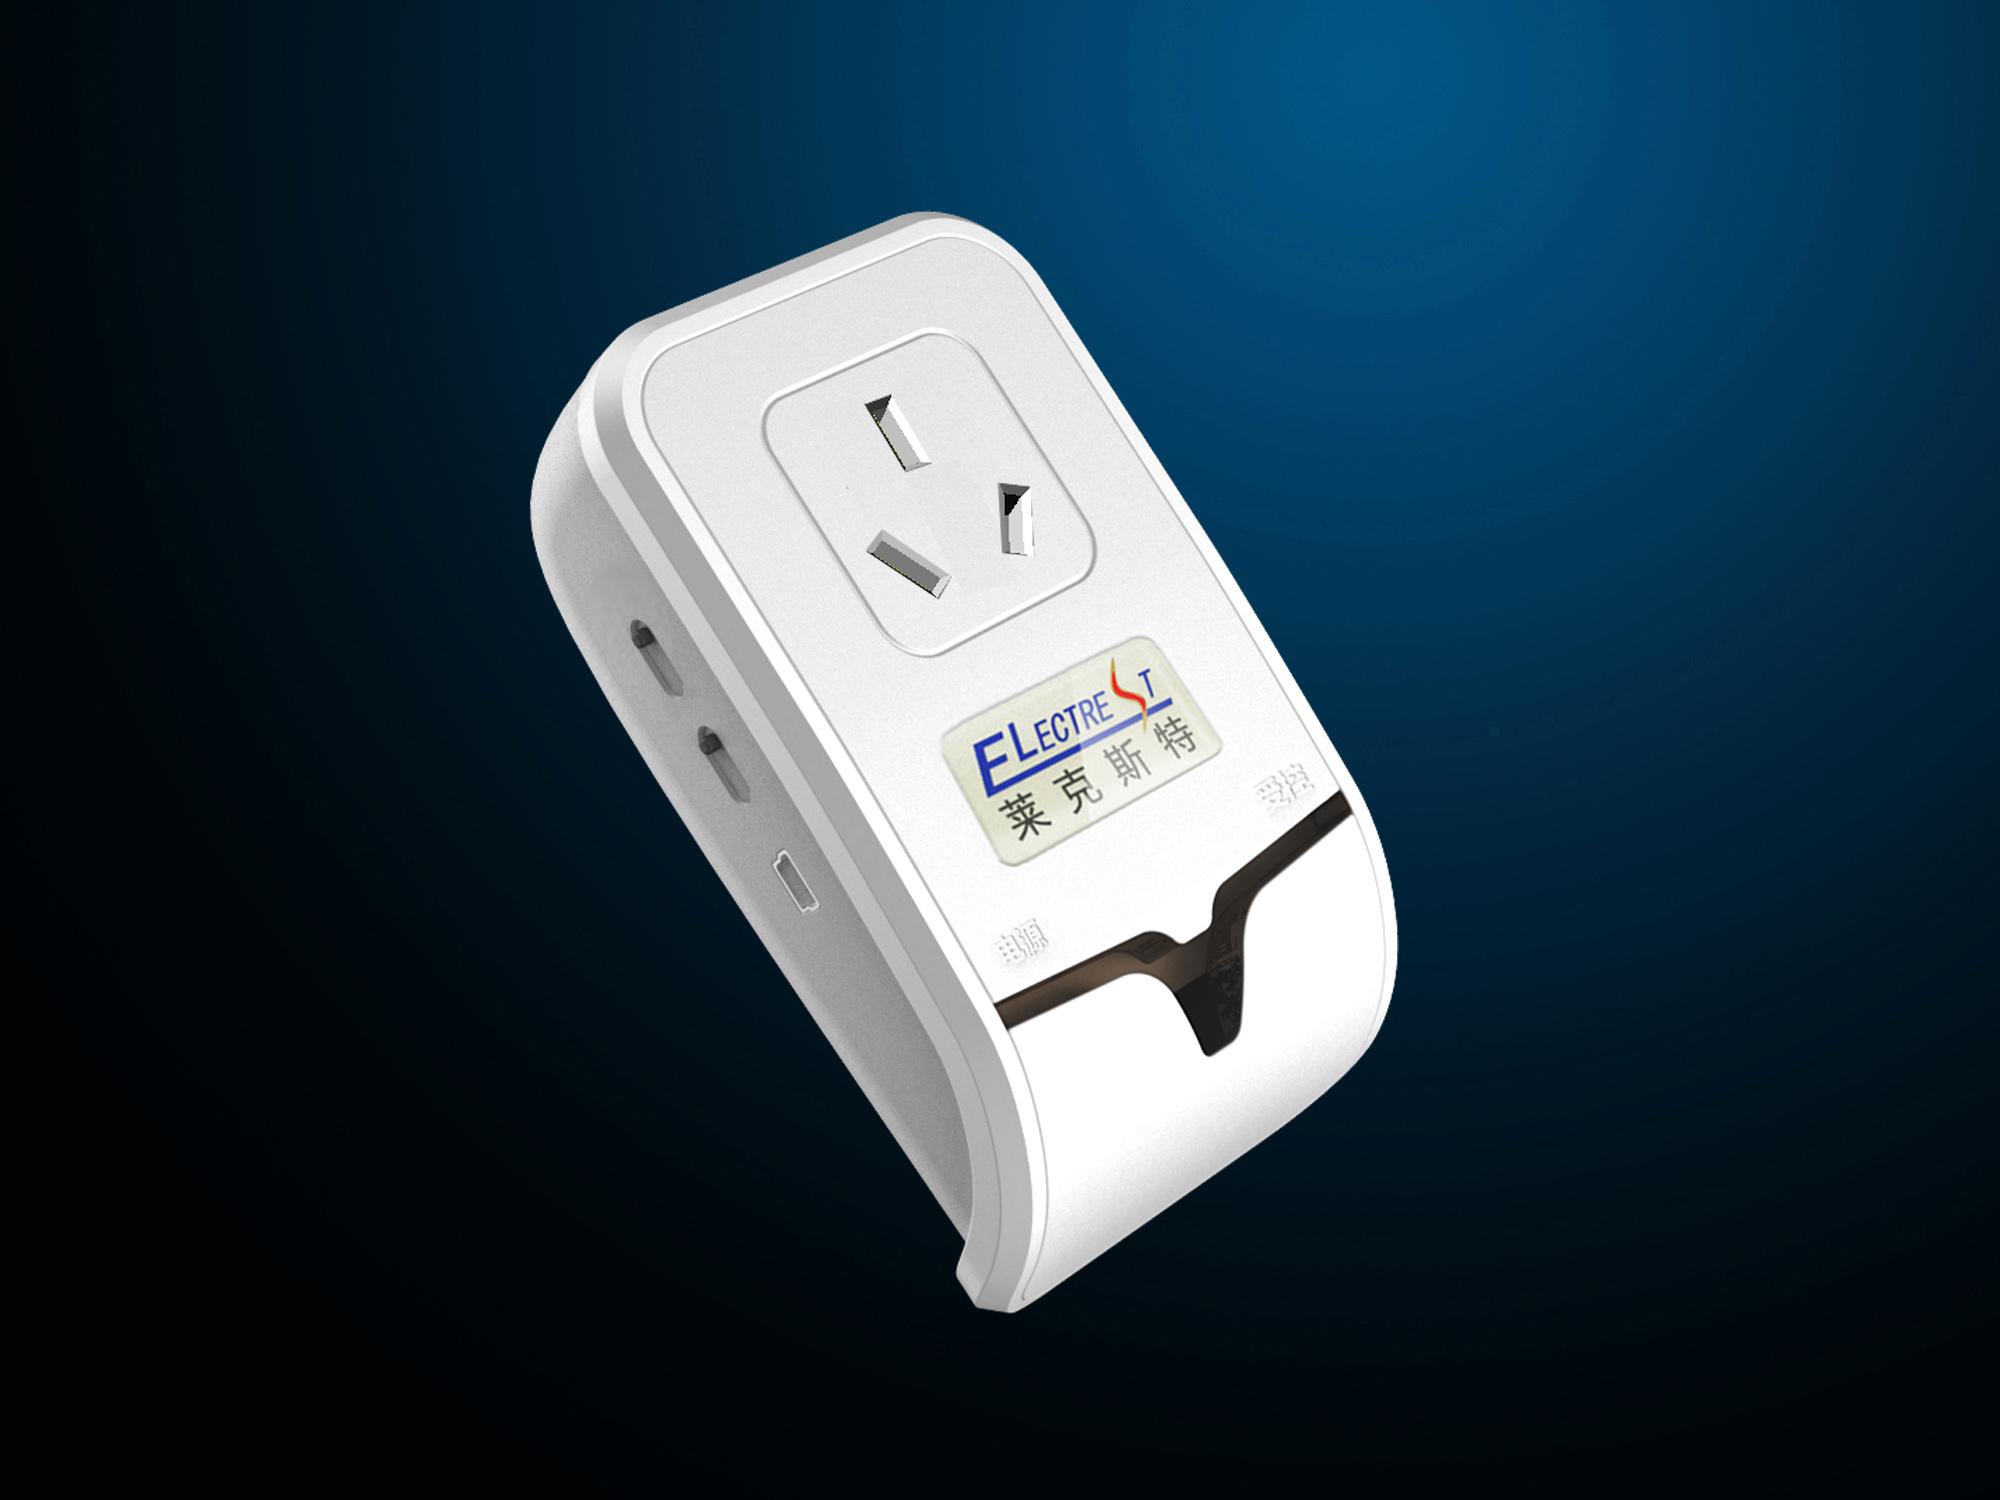 空调智能节电控制器3_产品设计-来设计